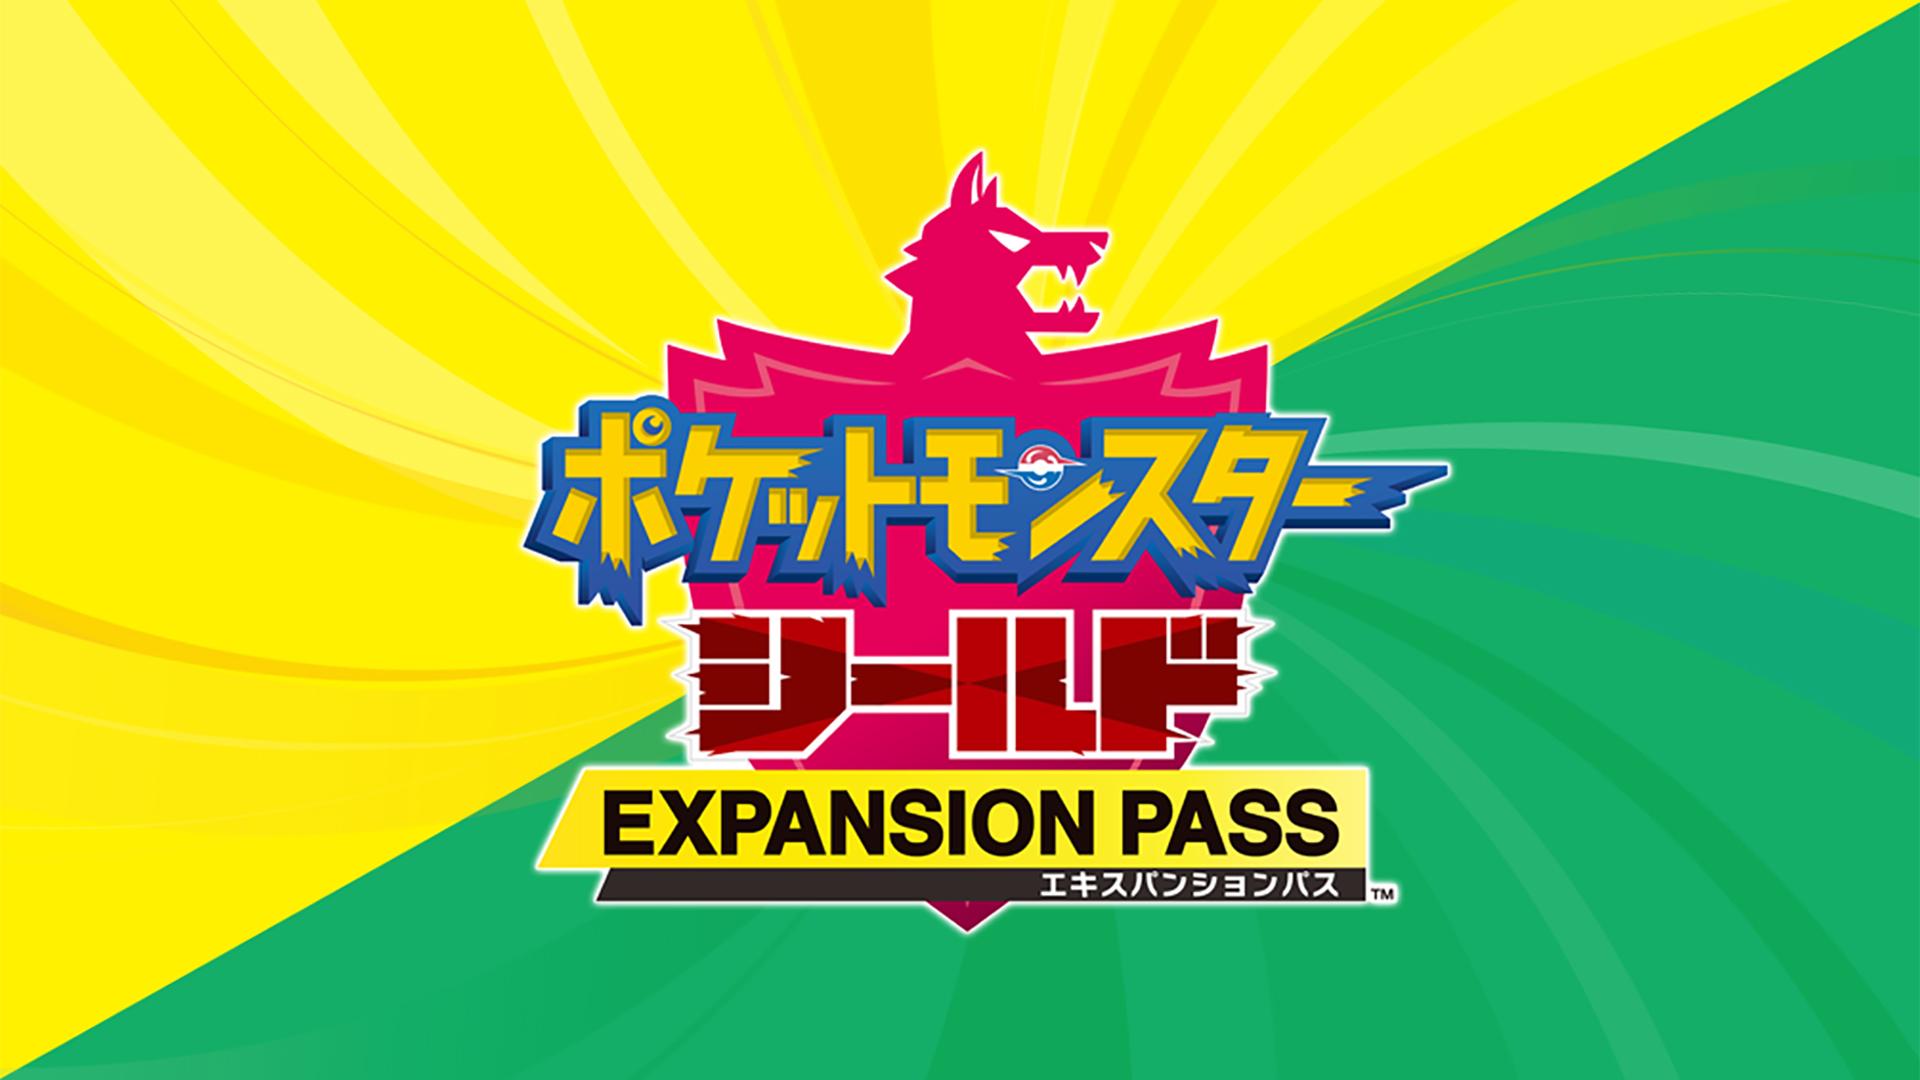 ポケットモンスター シールド エキスパンションパス|ポケットモンスター シールド|Nintendo Switchソフト|任天堂